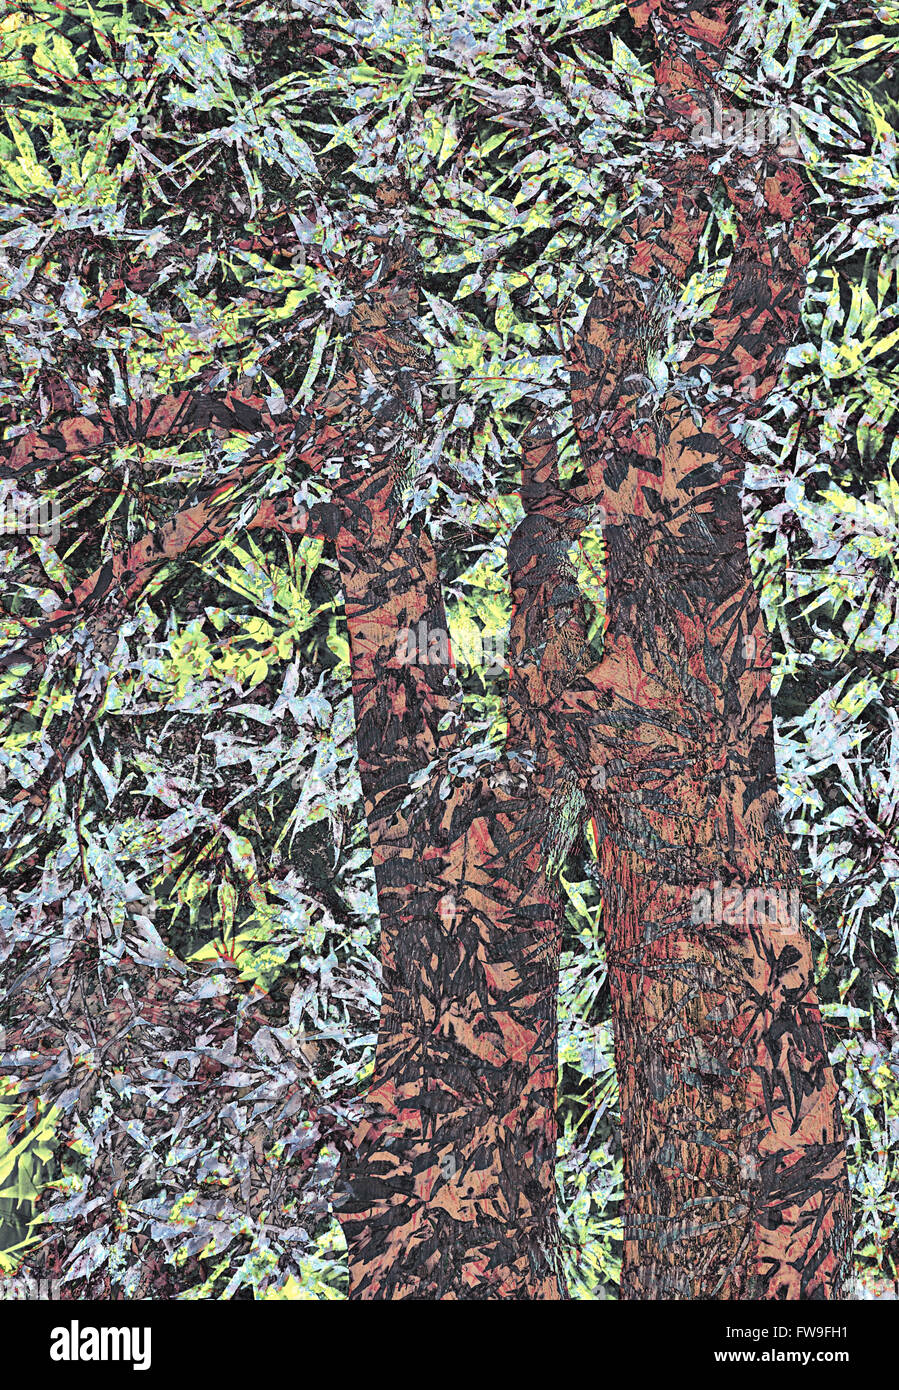 Moderno diseño gráfico abstracto concepto creativo de arte digital Imagen De Stock